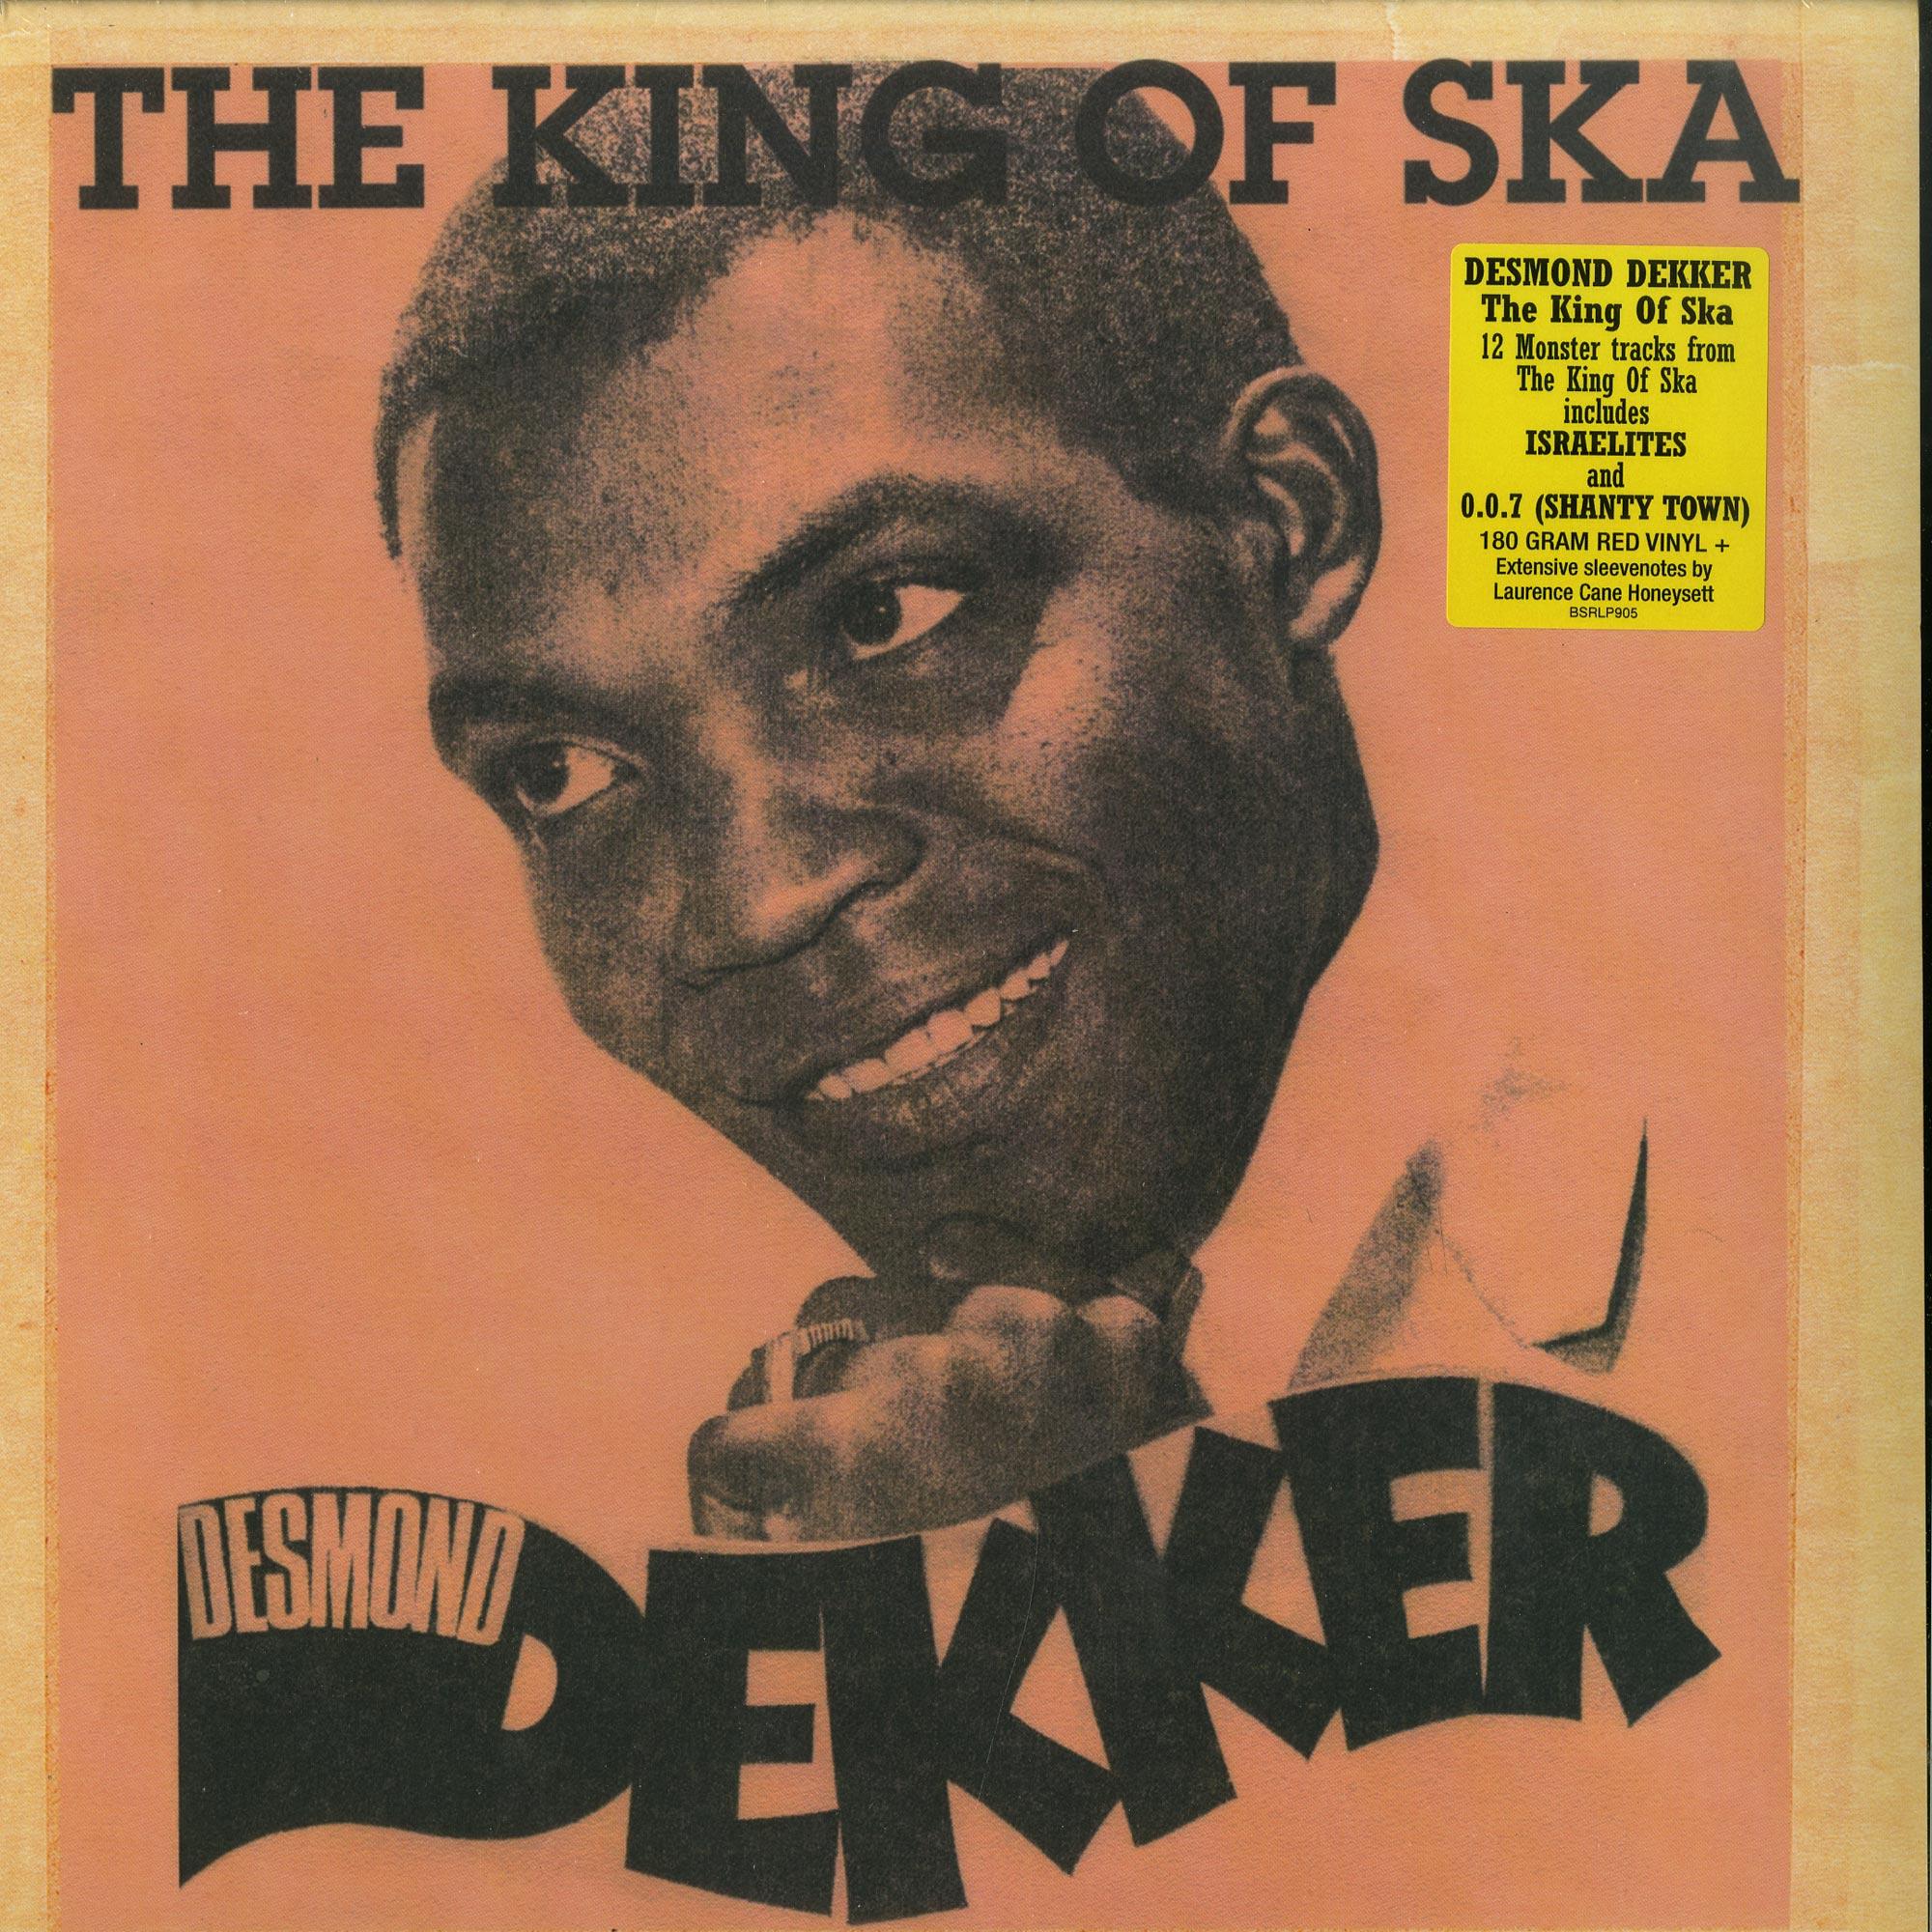 Desmond Dekker - THE KING OF SKA